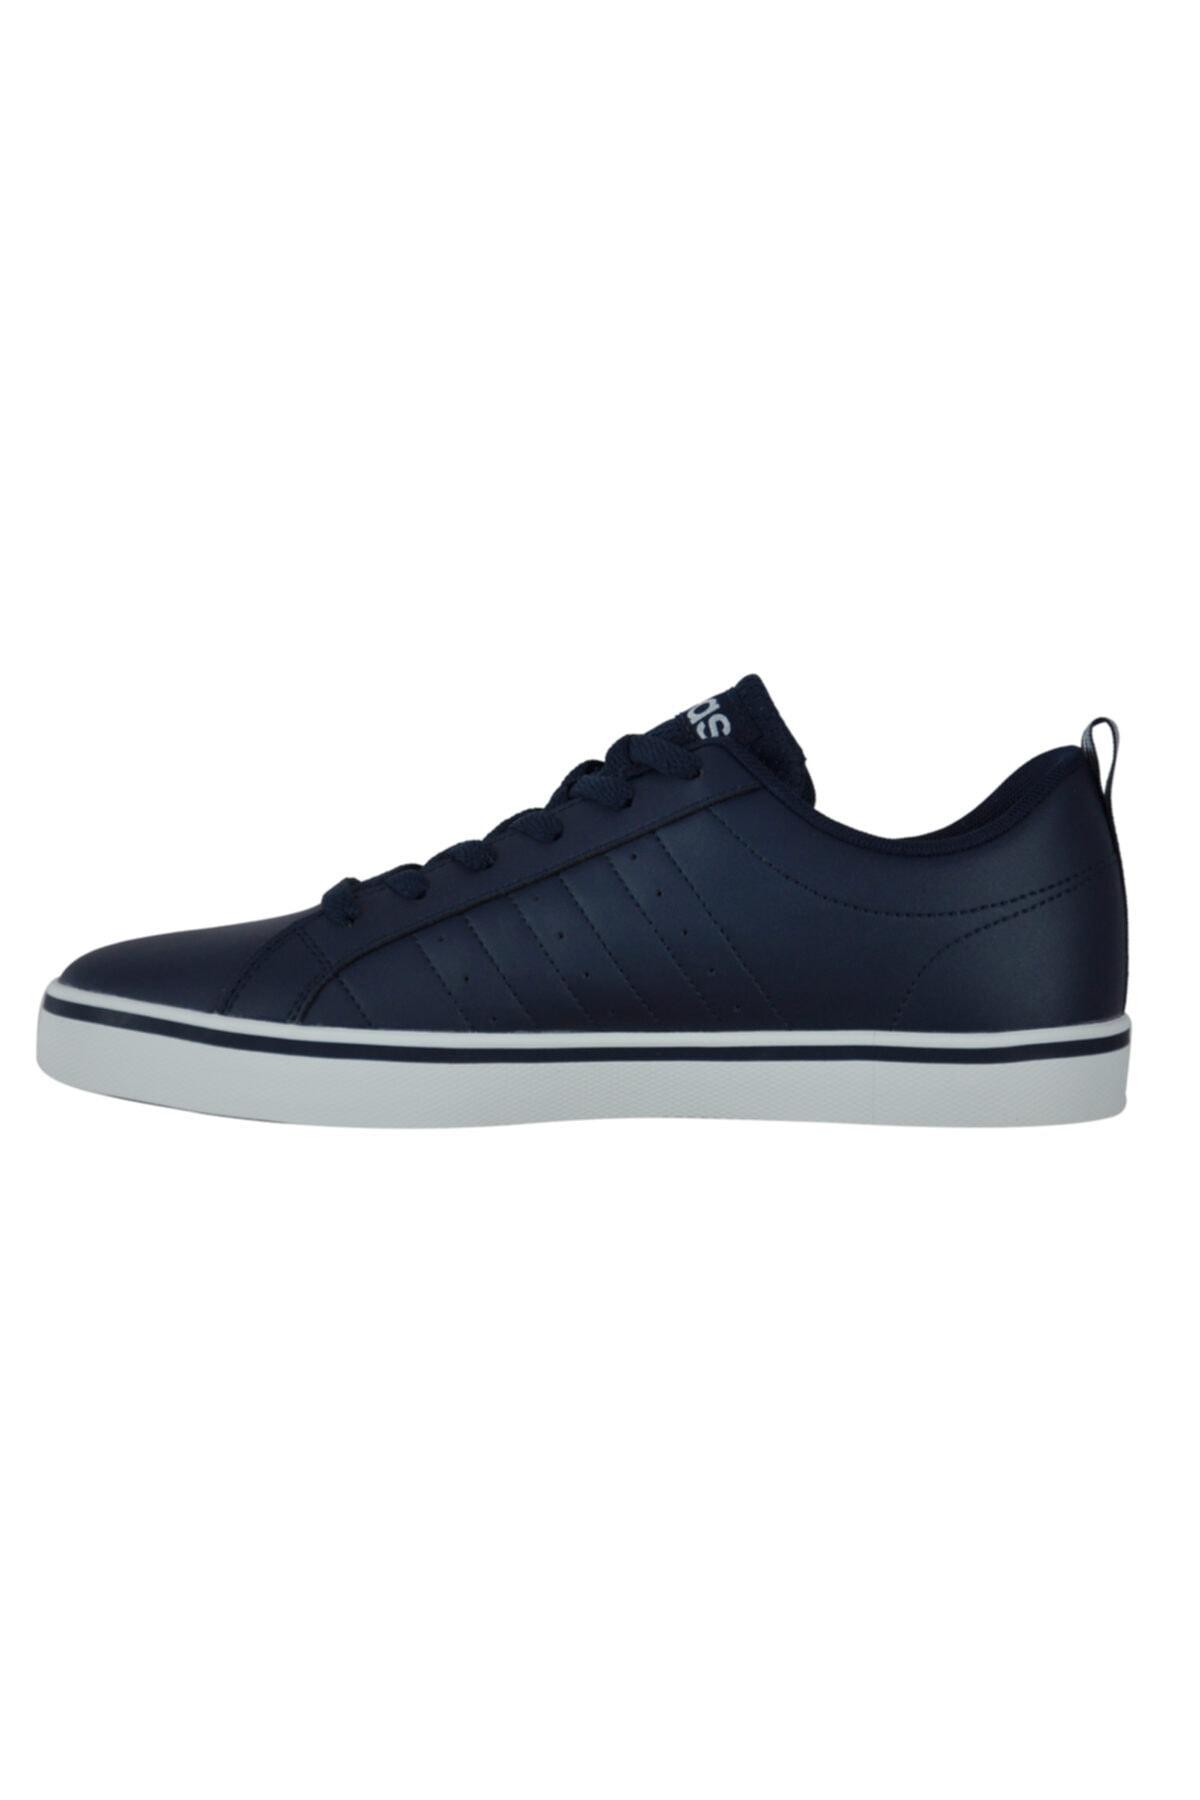 adidas VS PACE Erkek Spor Ayakkabı 2